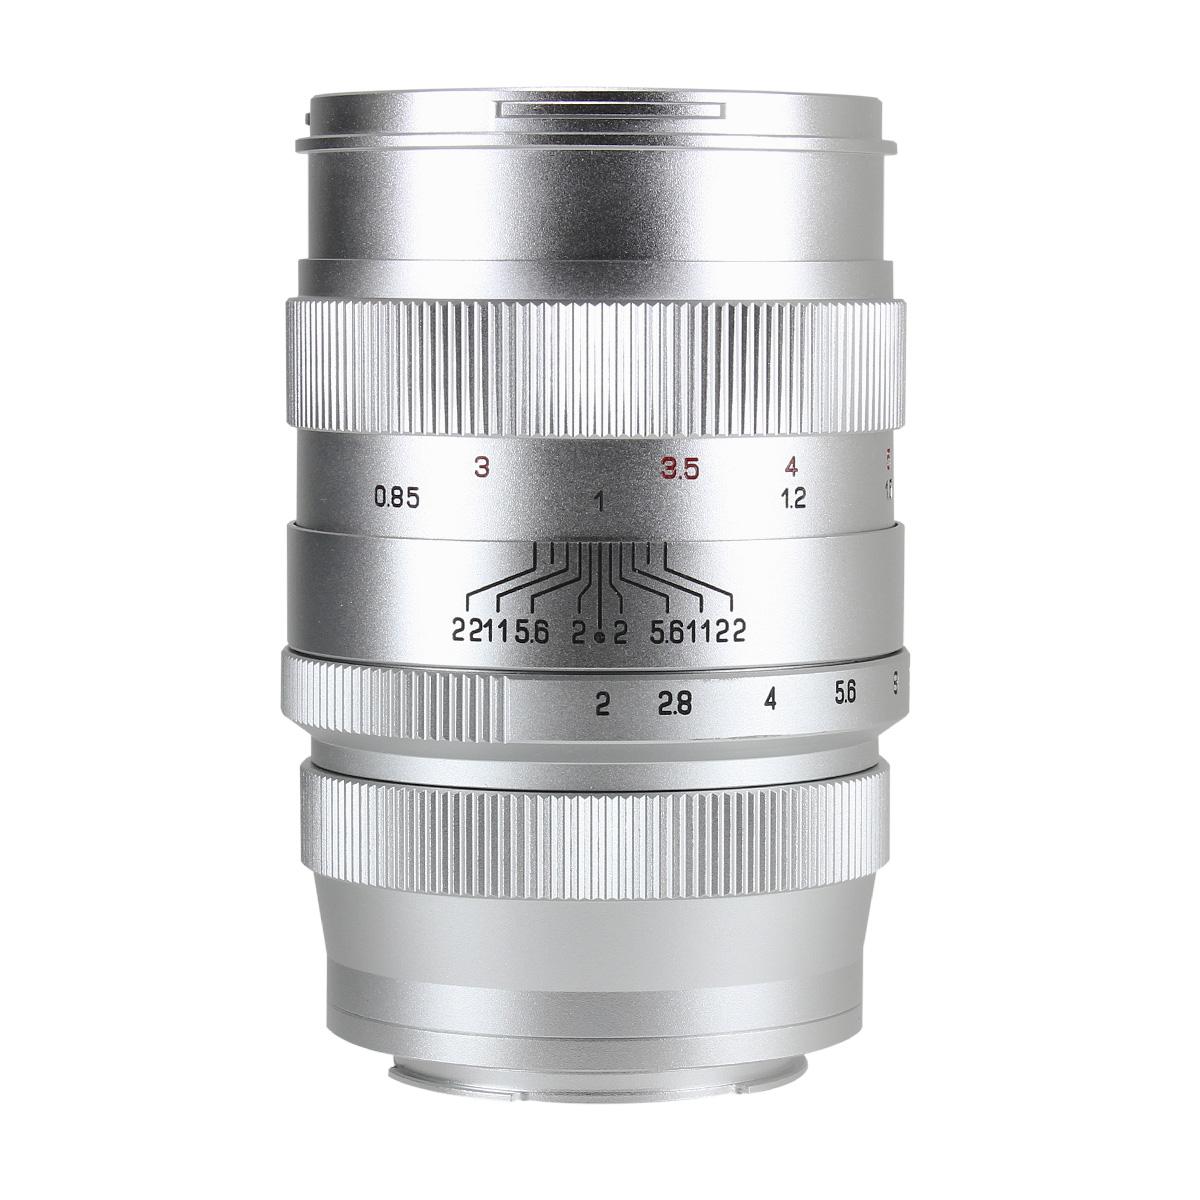 中一光学 CREATOR 85mm F2 シルバー ソニーEマウント 単焦点レンズ